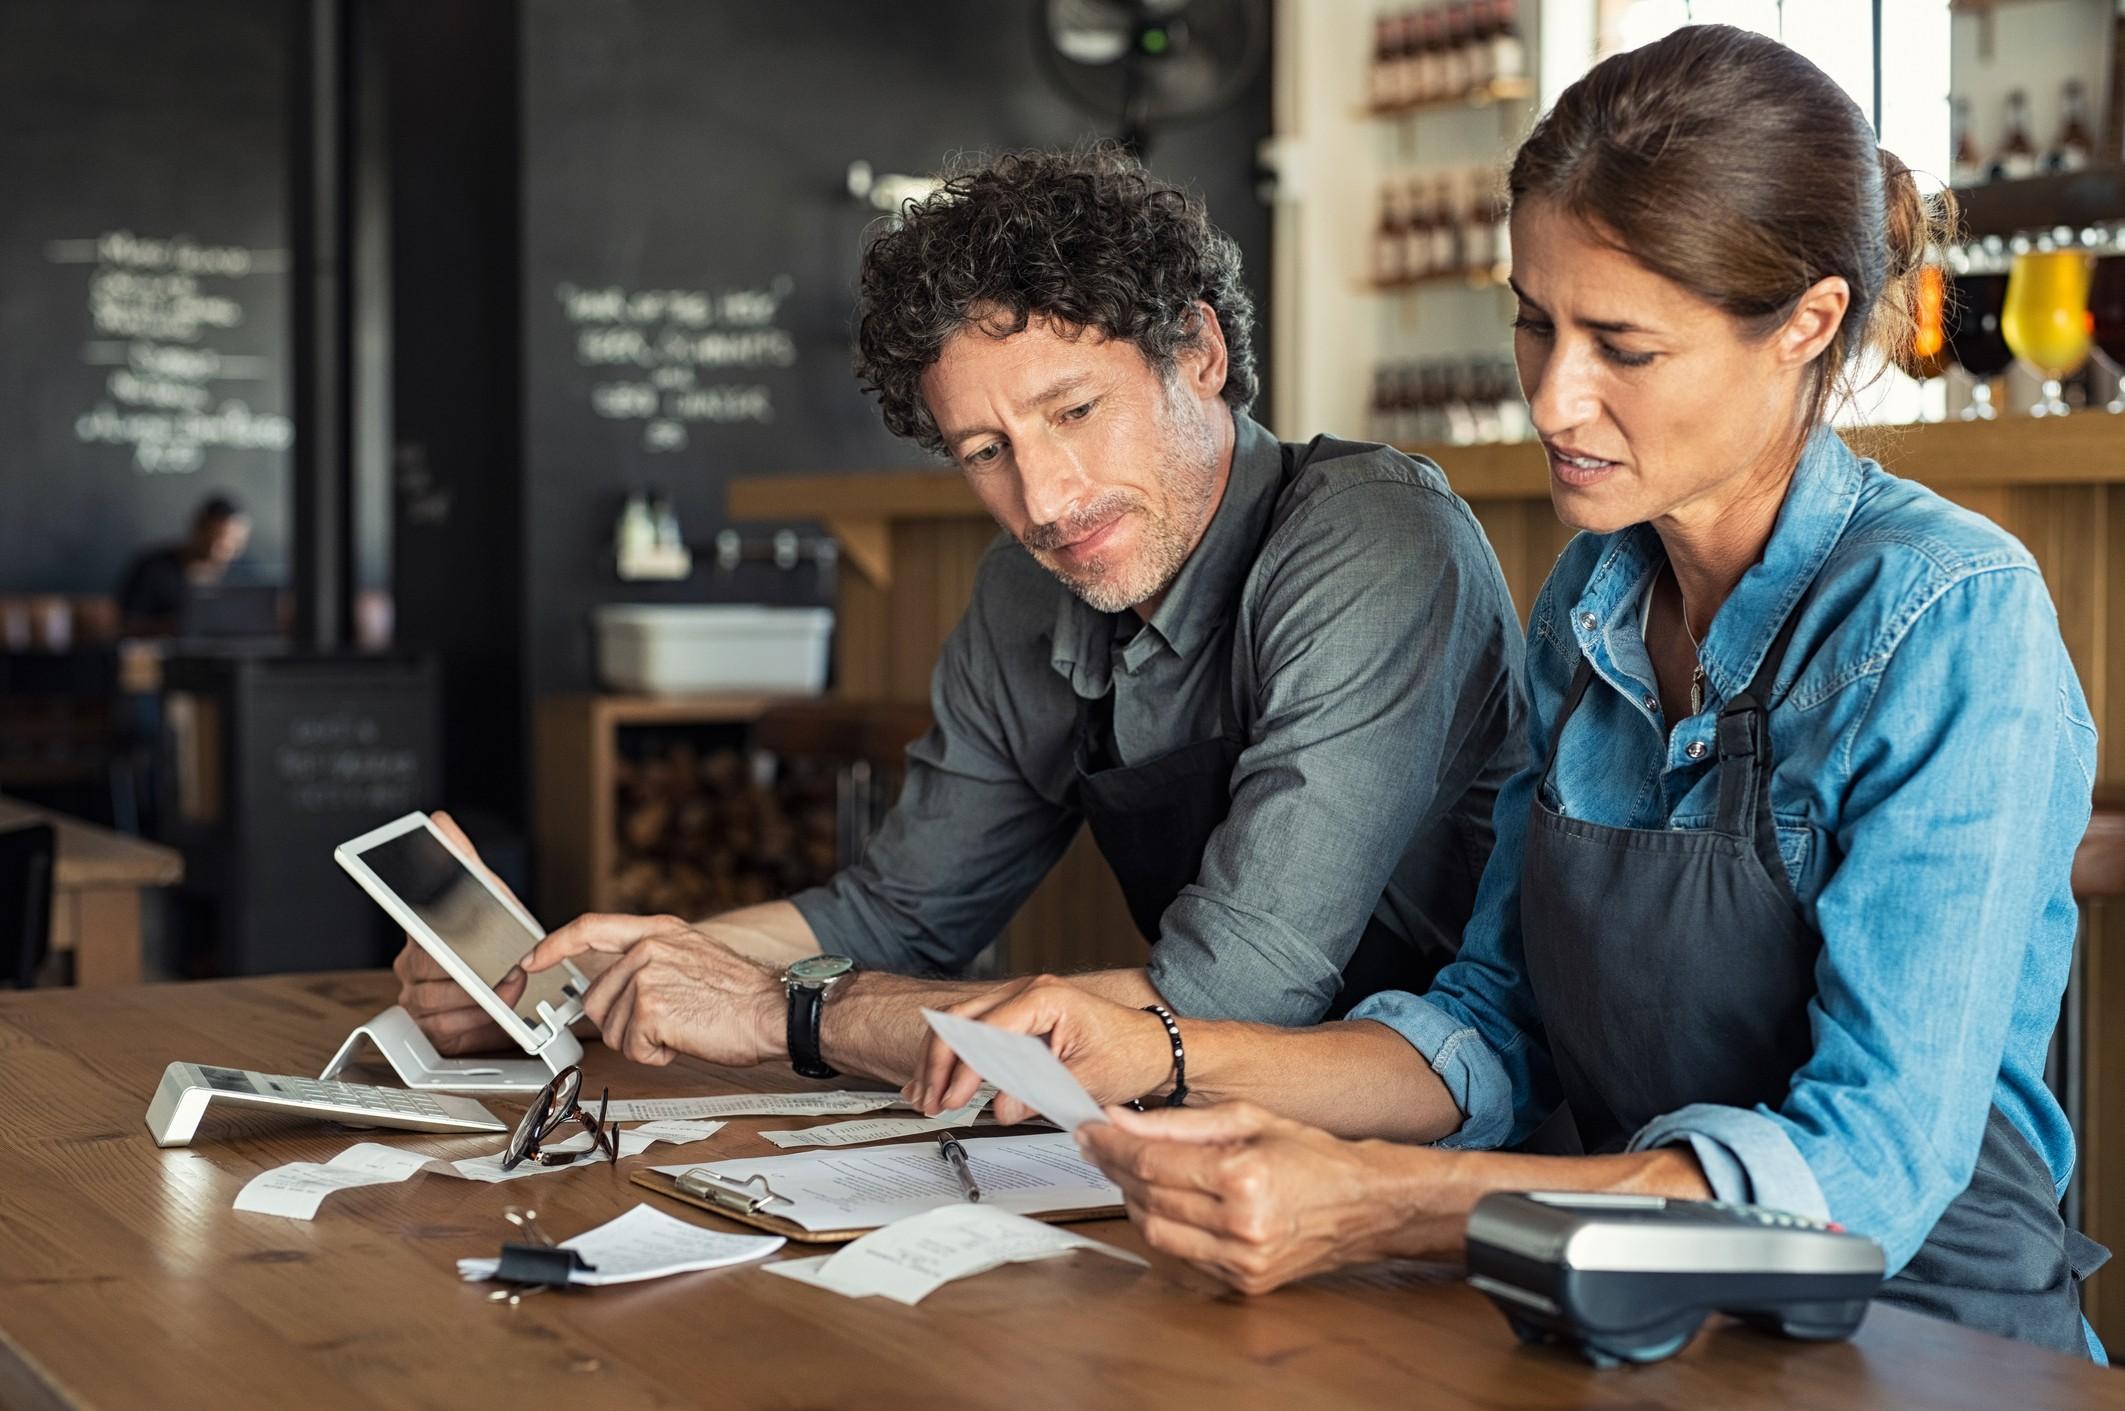 Cuidados na escolha de fornecedores ajudam a minimizar certos custos (Foto: Getty Images)